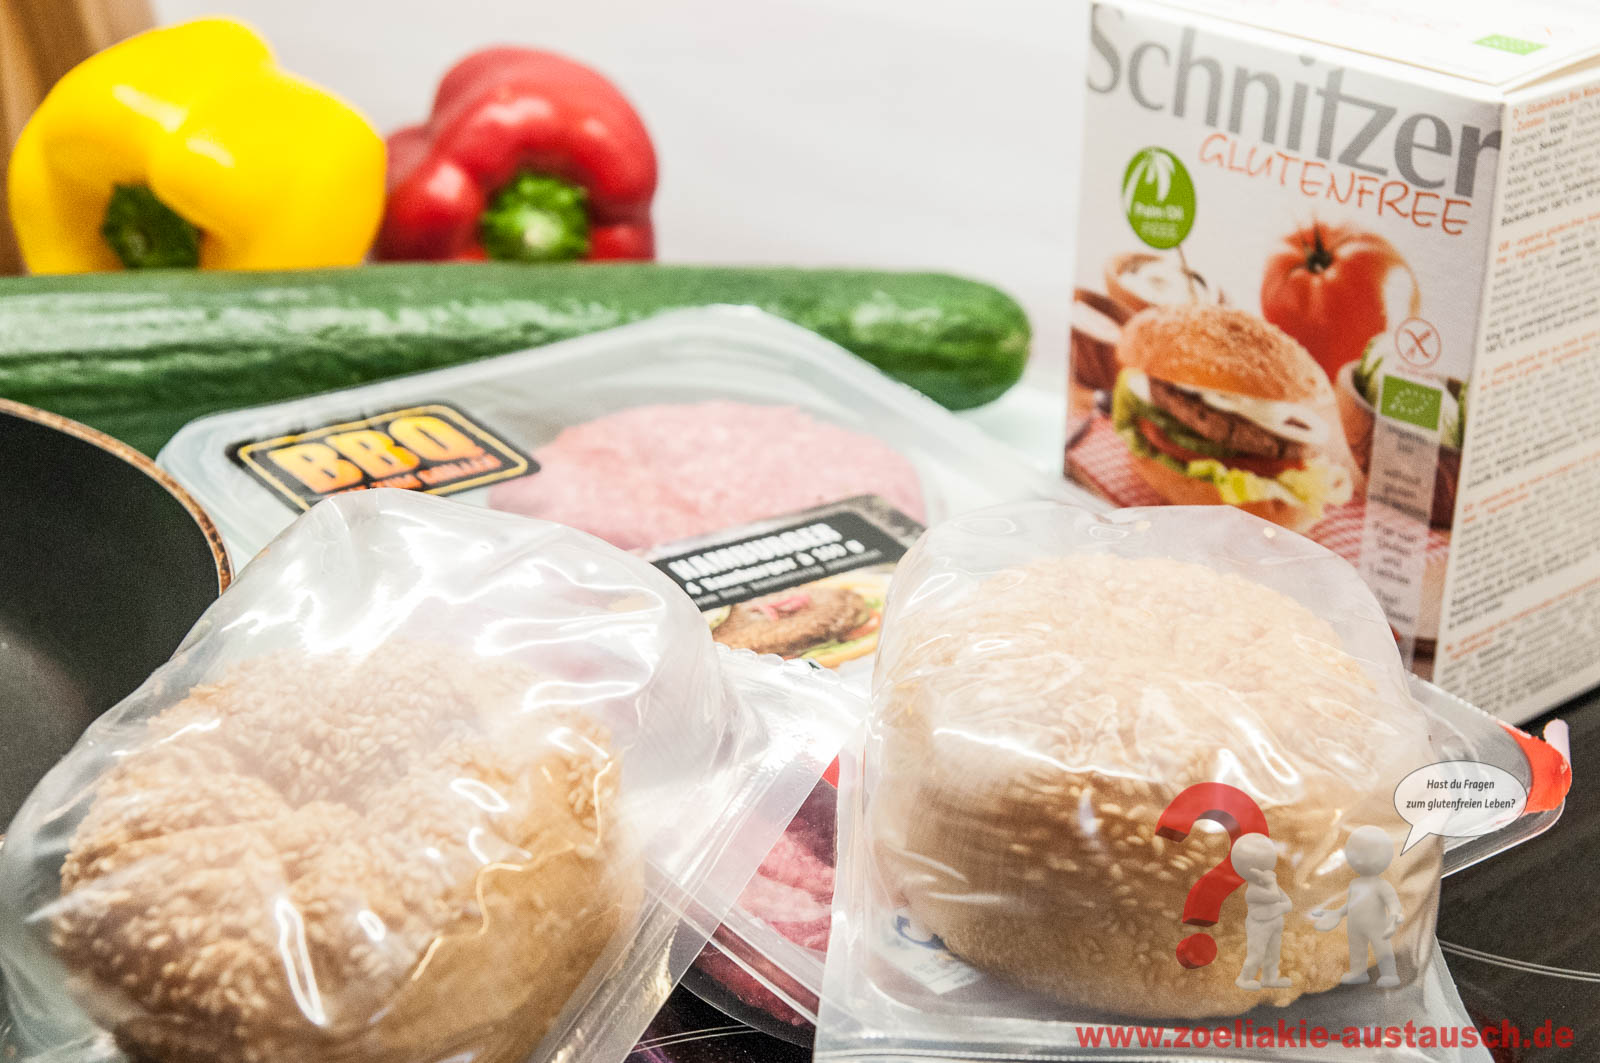 Zoeliakie-Austausch_Schnitzer_Burger_Broetchen_08